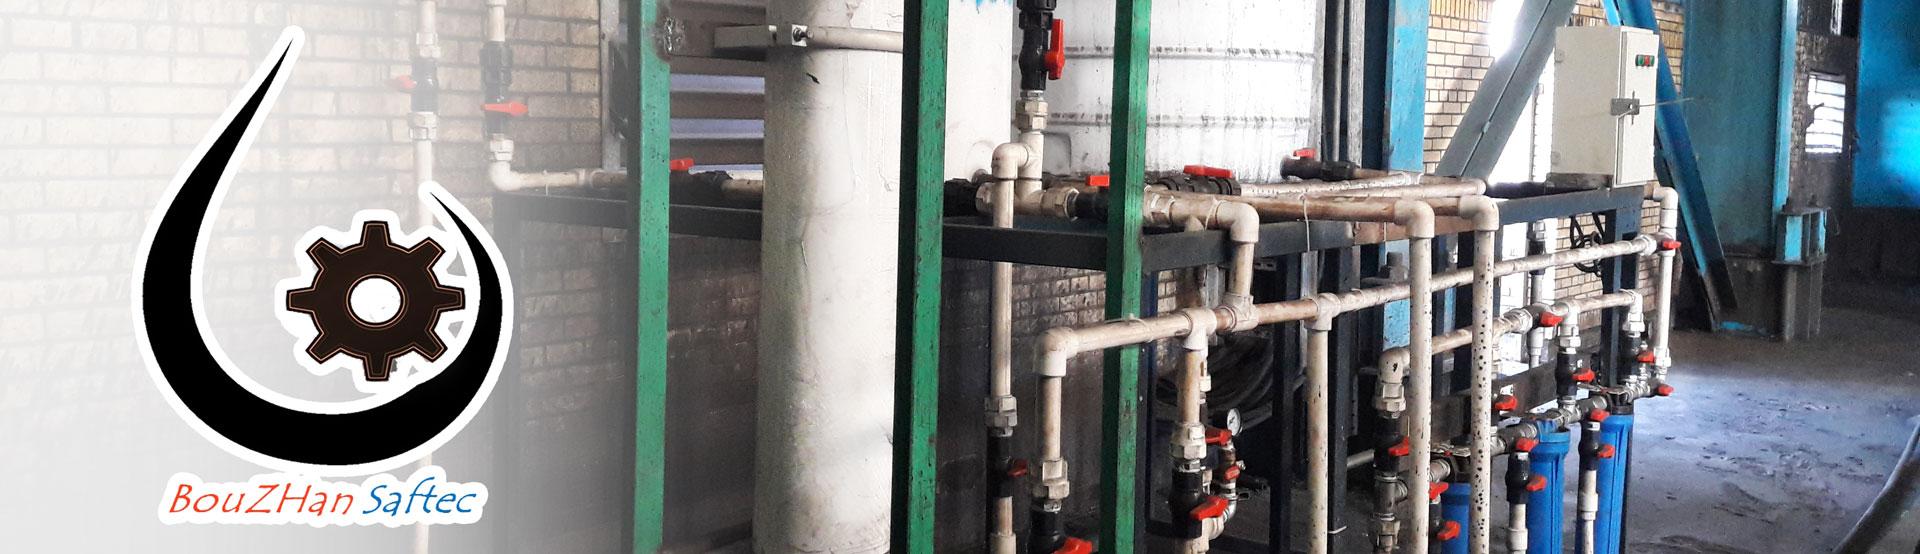 راه اندازی سیستم حذف فلوکولانت در سایت کارخانه زغالشویی پروده طبس توسط کارشناسان بوژان صافتک